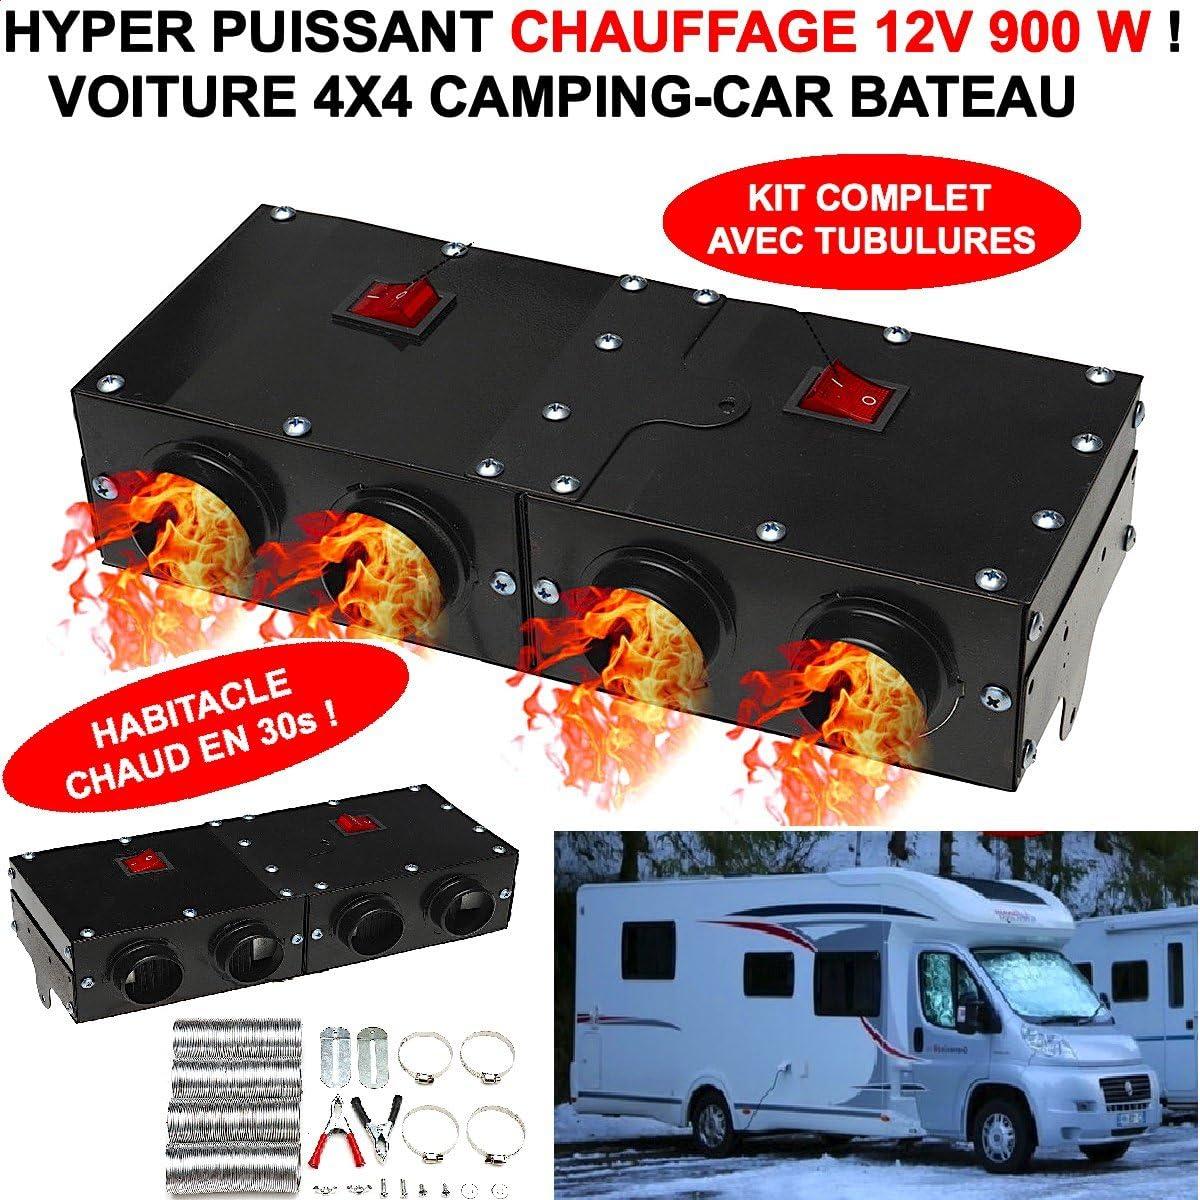 camping-car, Auto Voiture Solaire Ventilateur adapté pour voiture camion